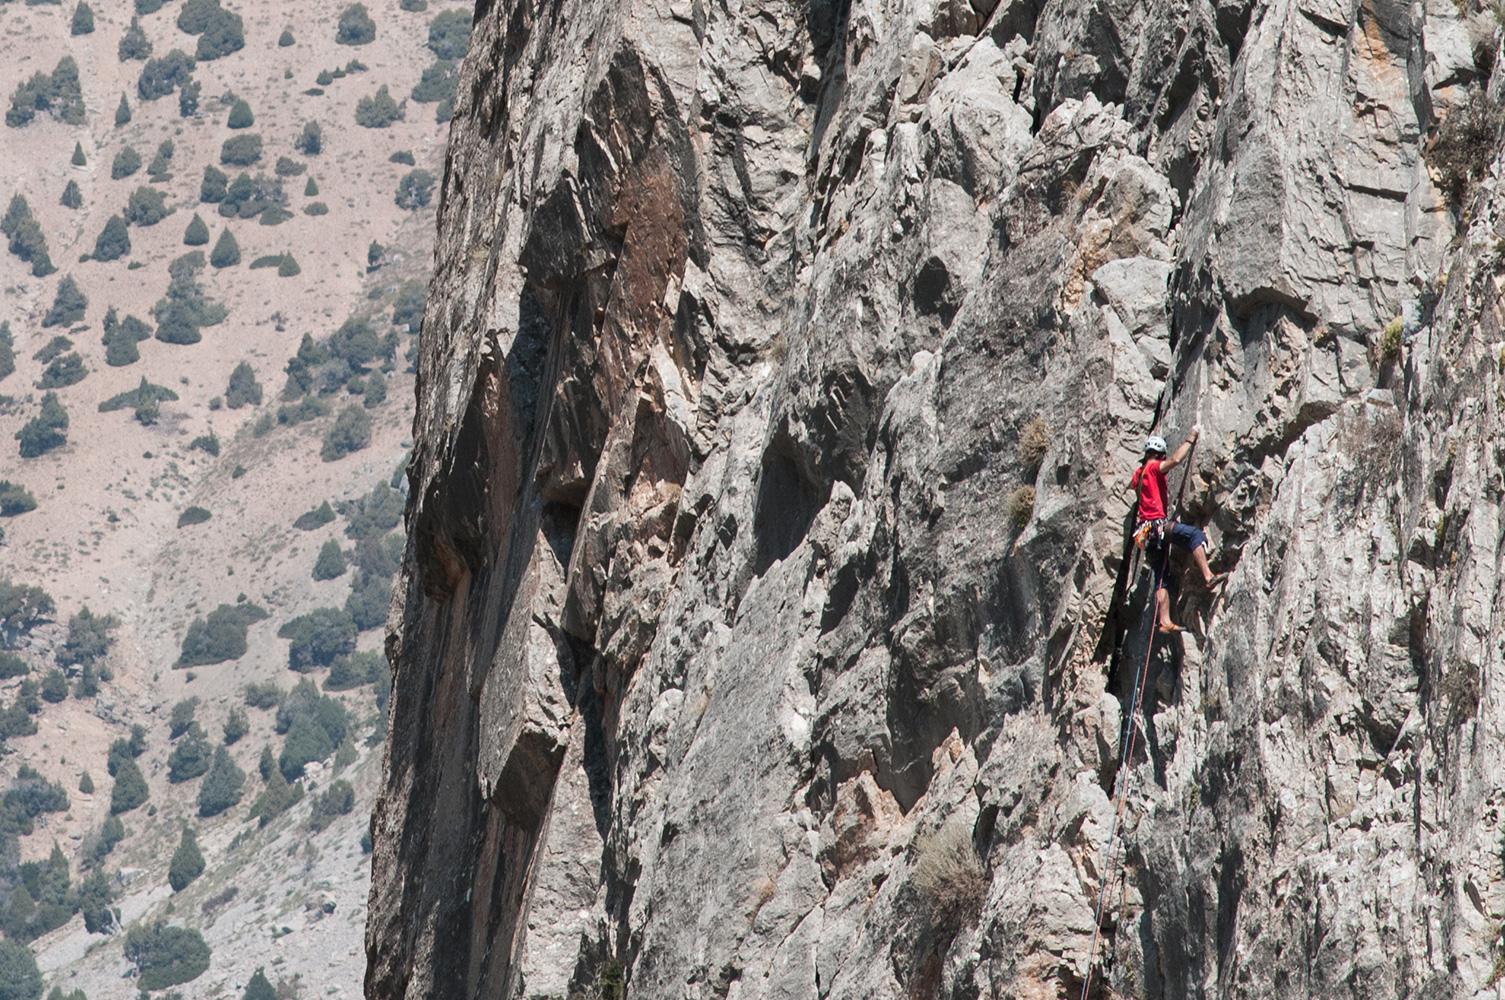 Rock Climbing at Chukurak